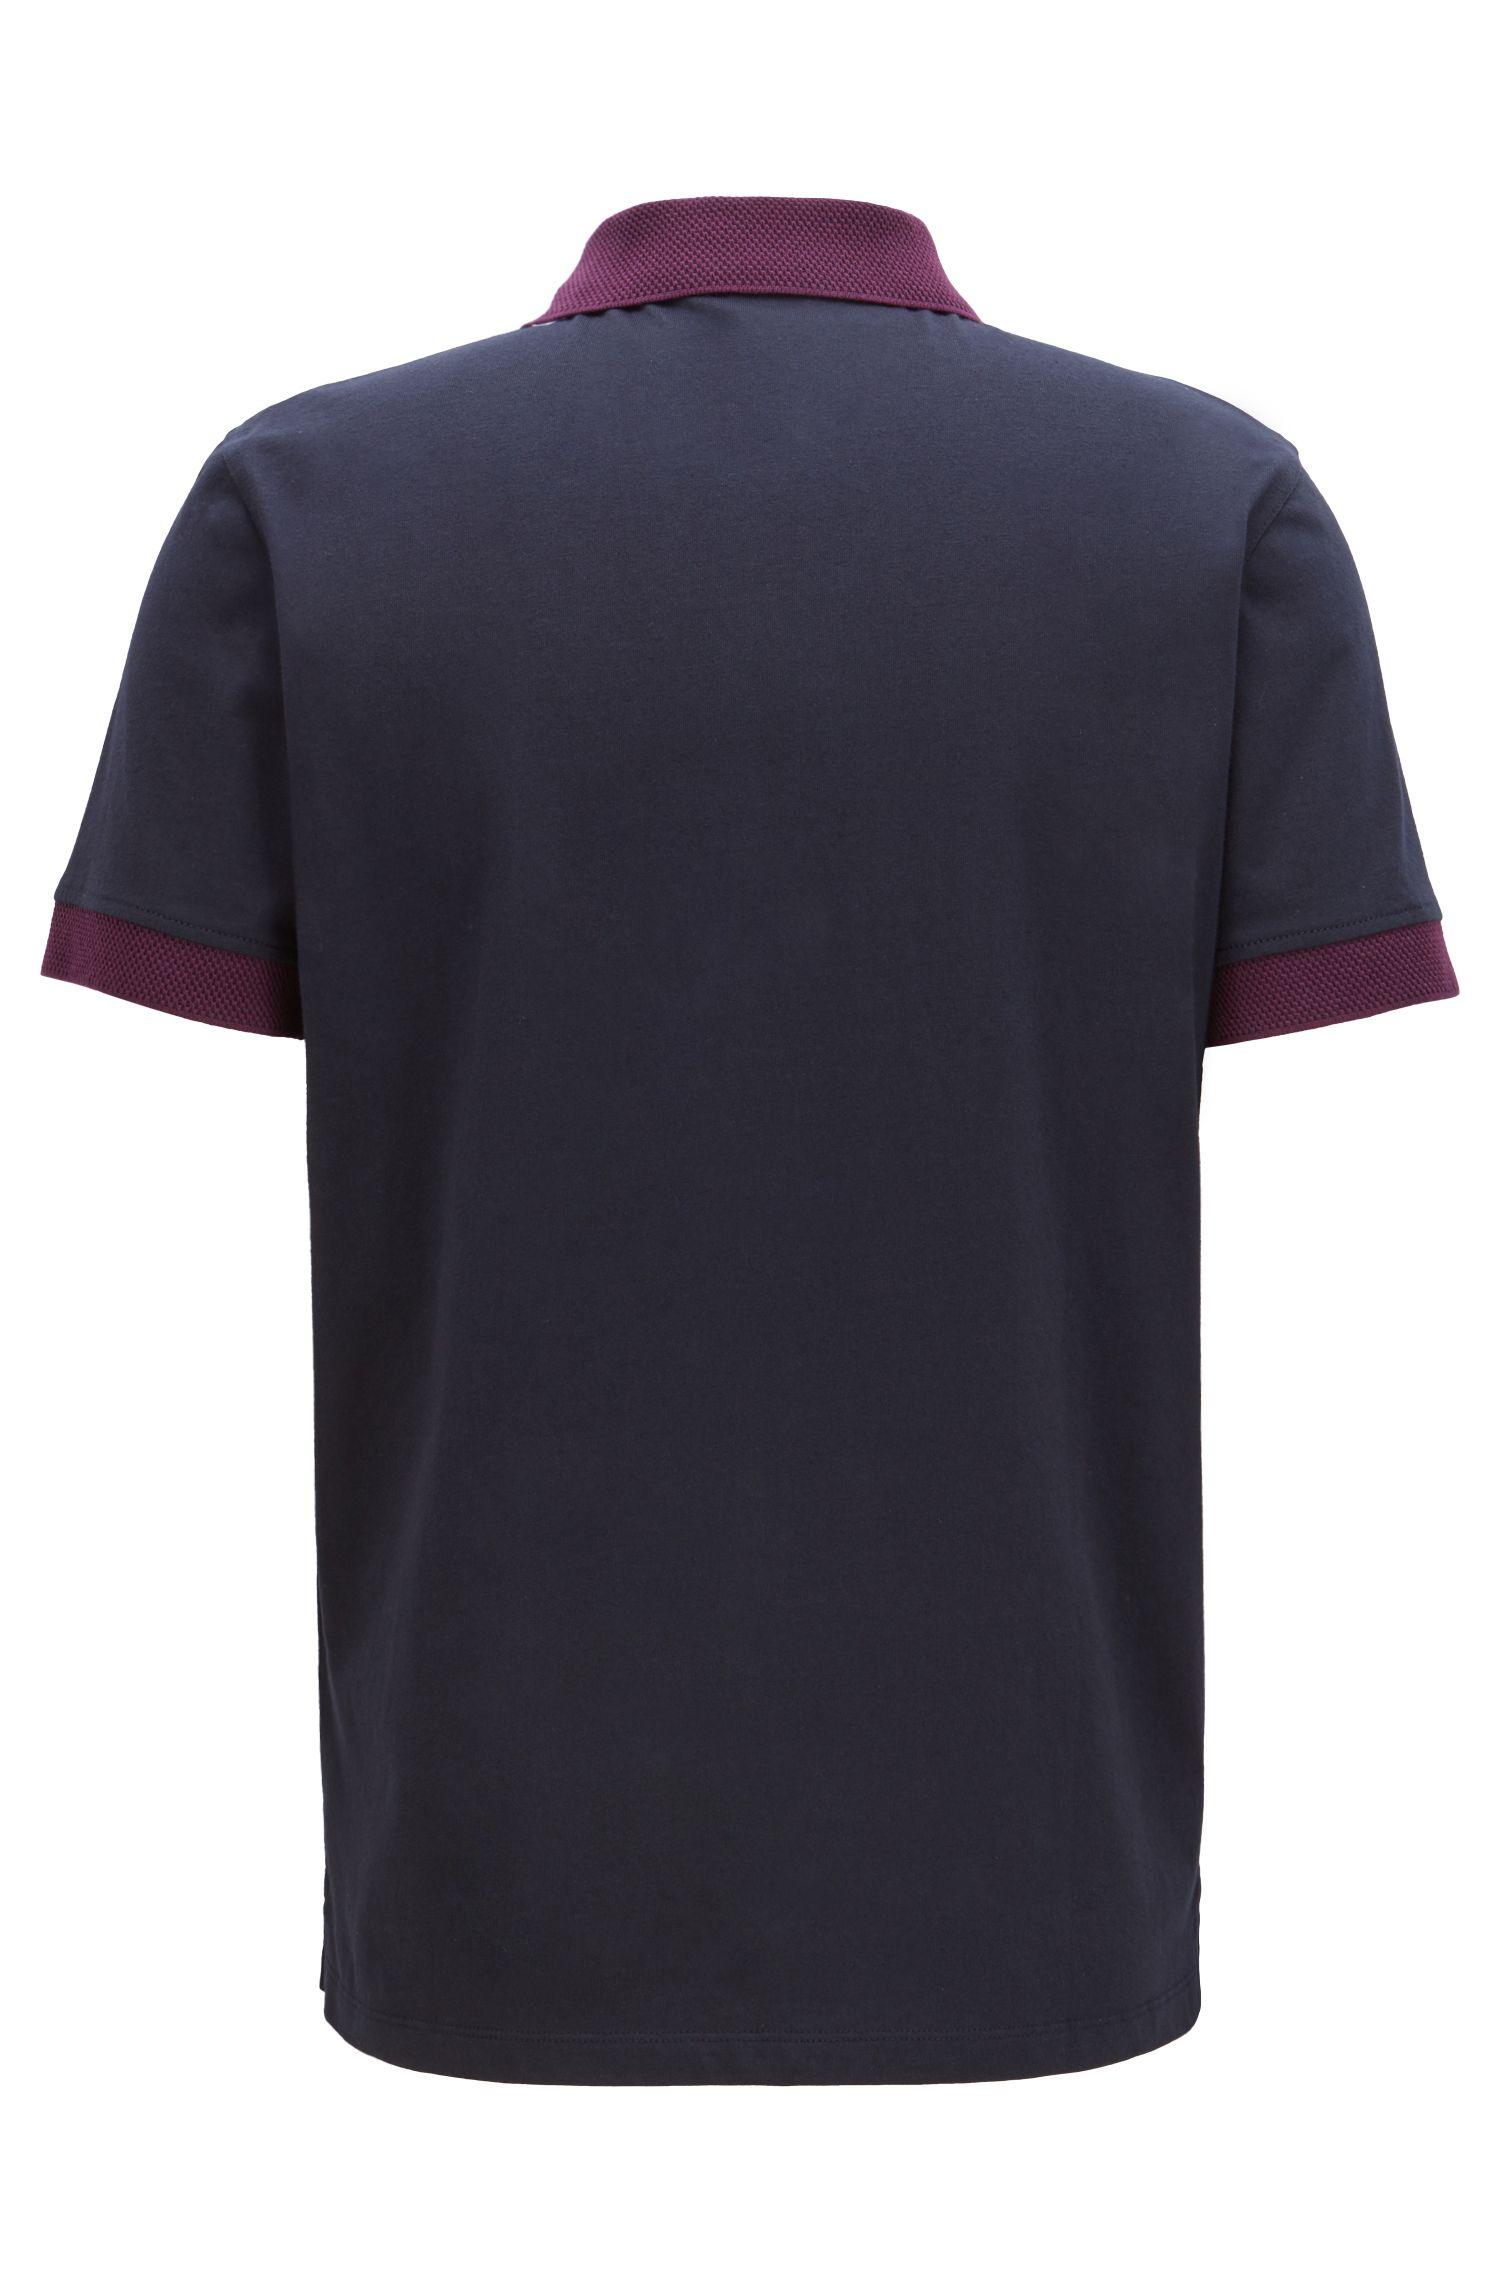 Polo in jersey relaxed fit con dettagli in rete a contrasto, Blu scuro